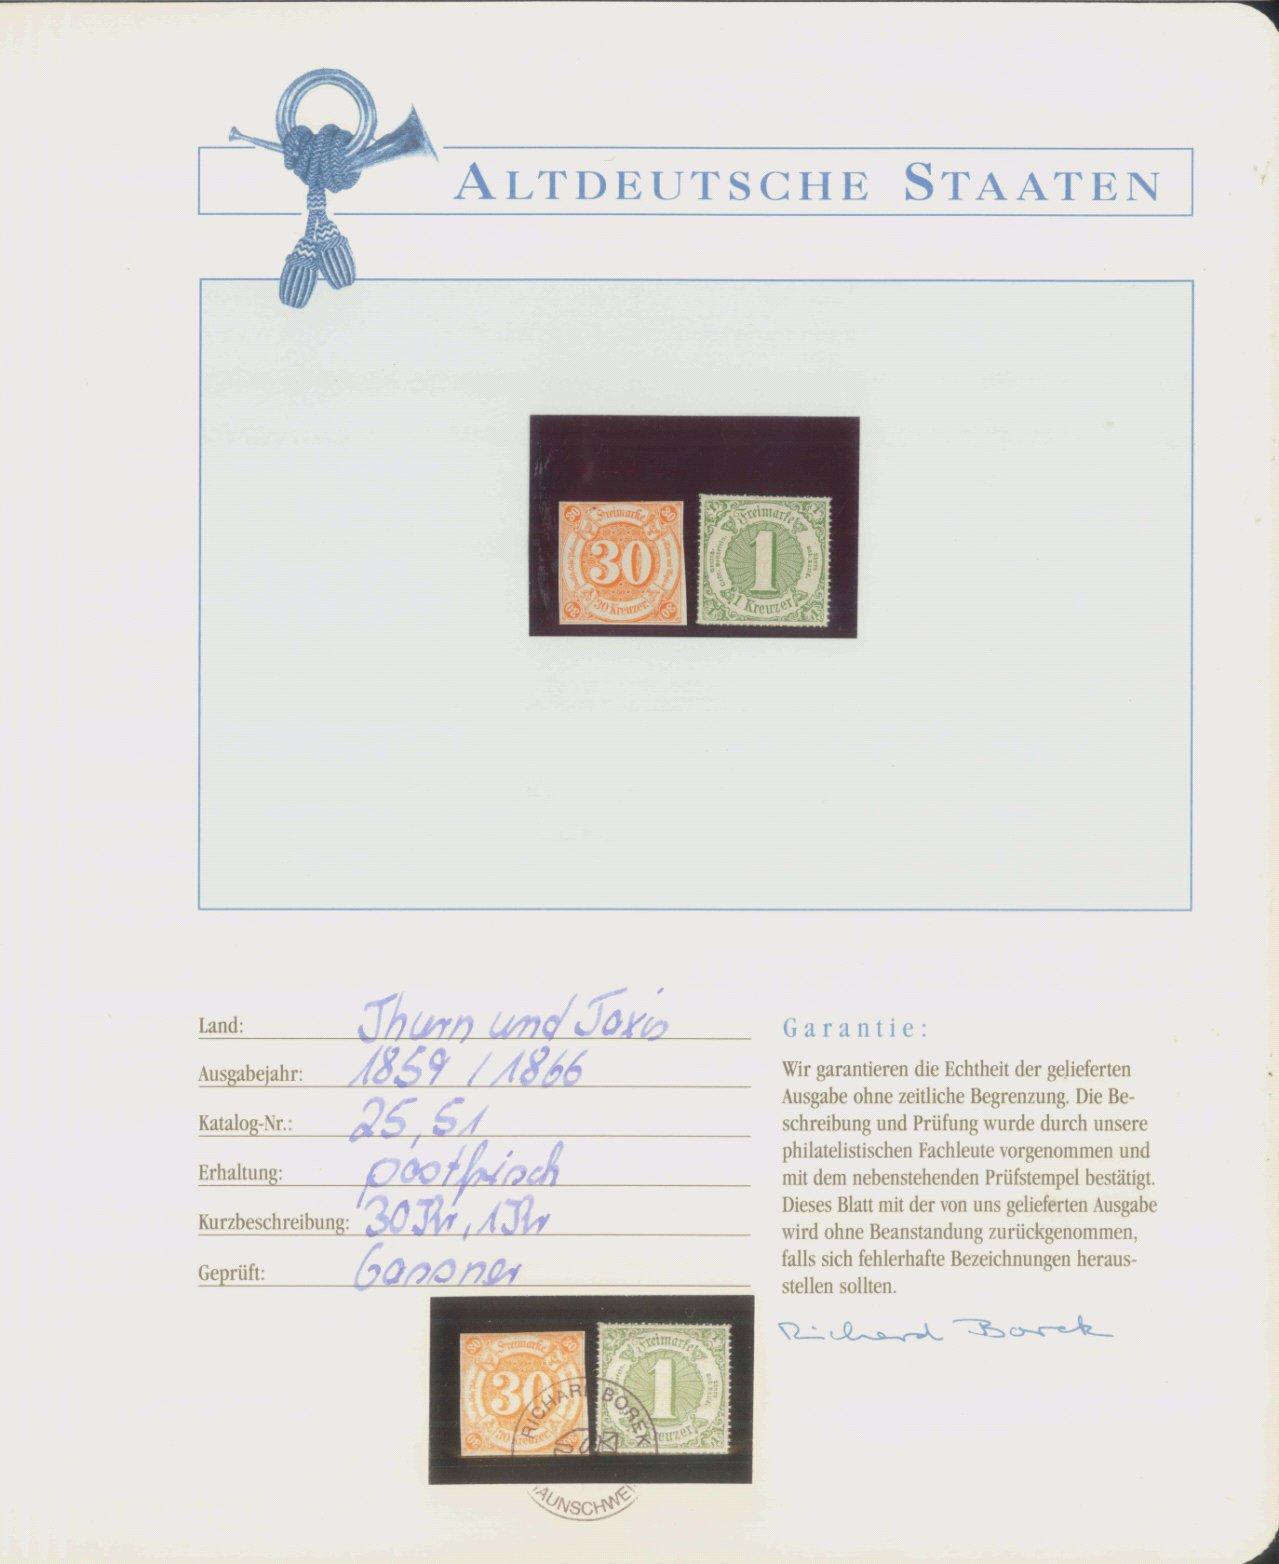 BUNTES aus der KISTE: Aland, Schweiz, 135,- US DOLLAR…-1